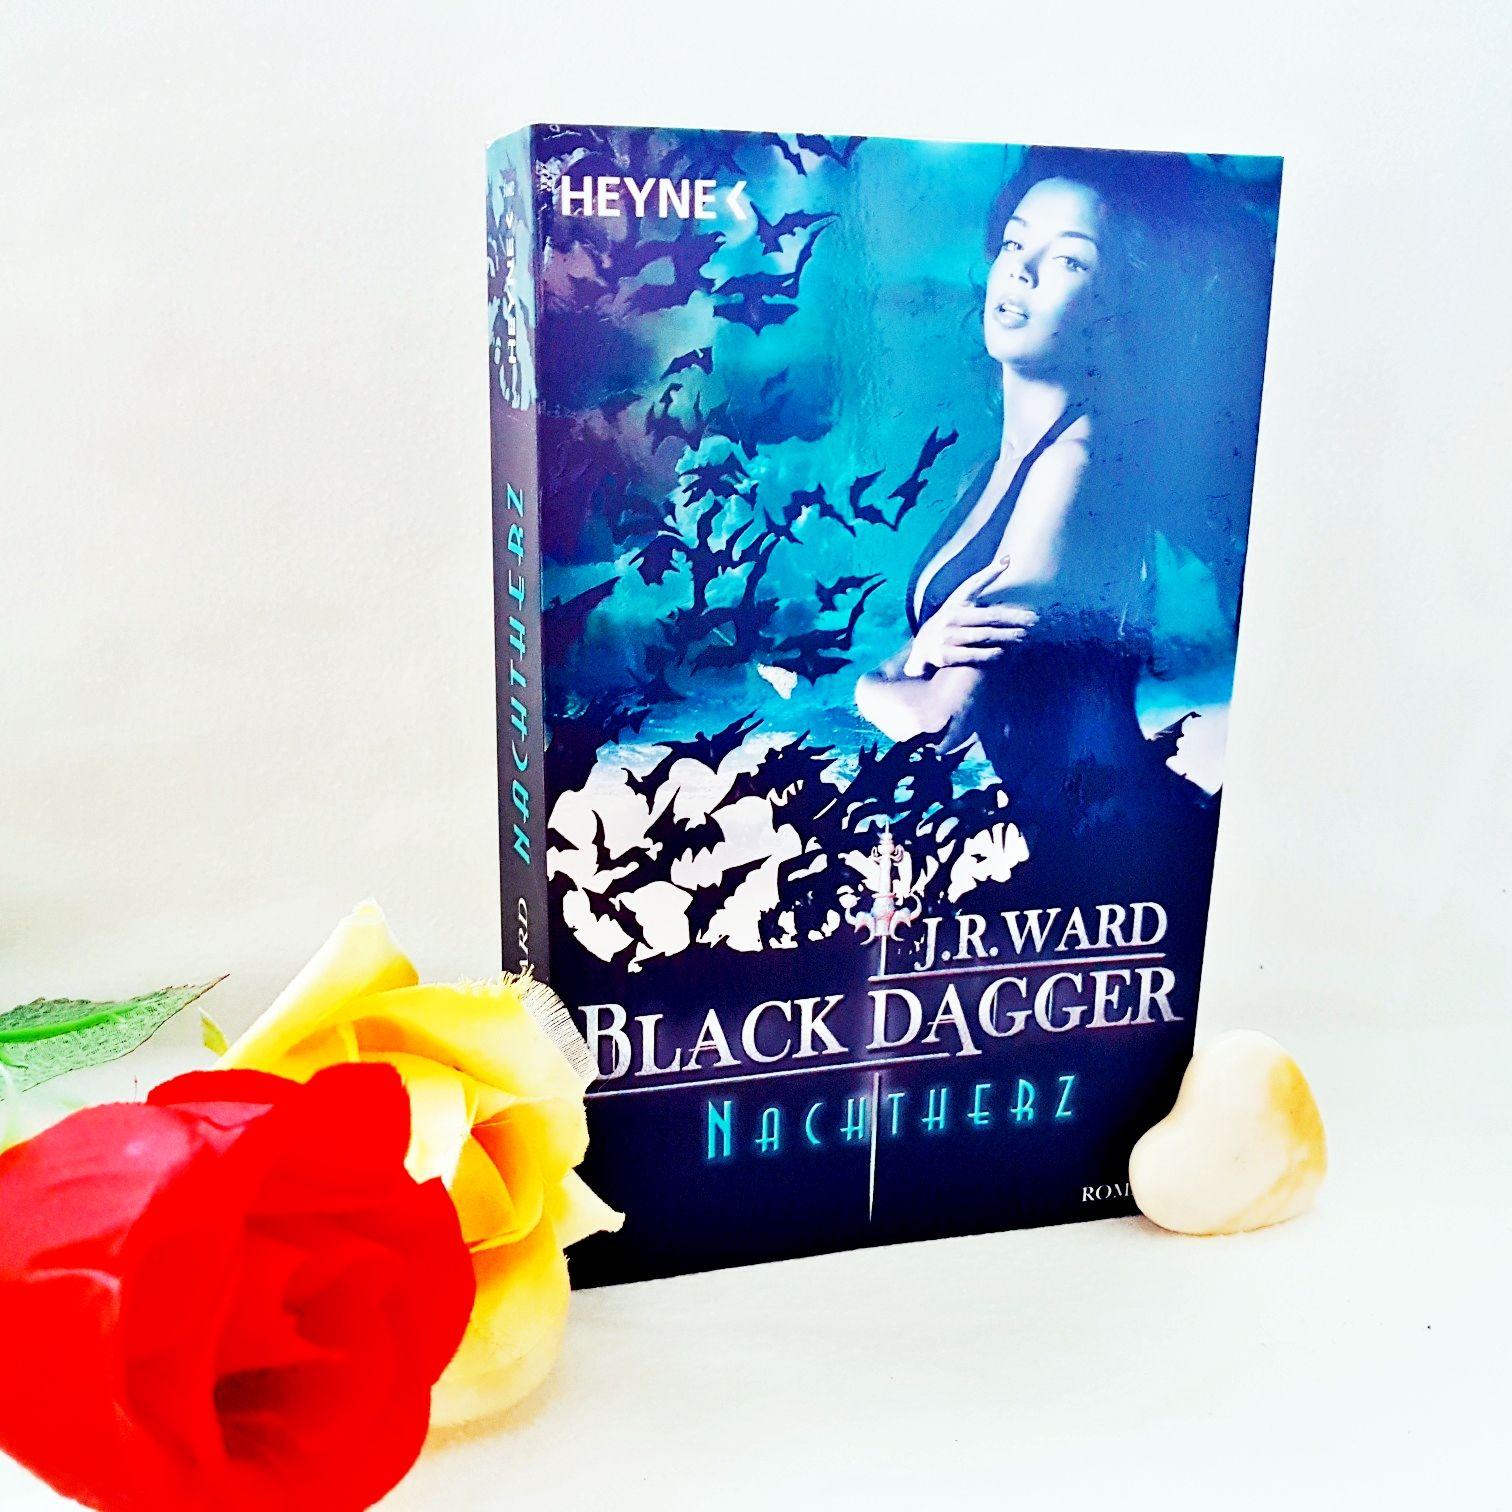 Black Dagger Nachtherz von J.R.Ward